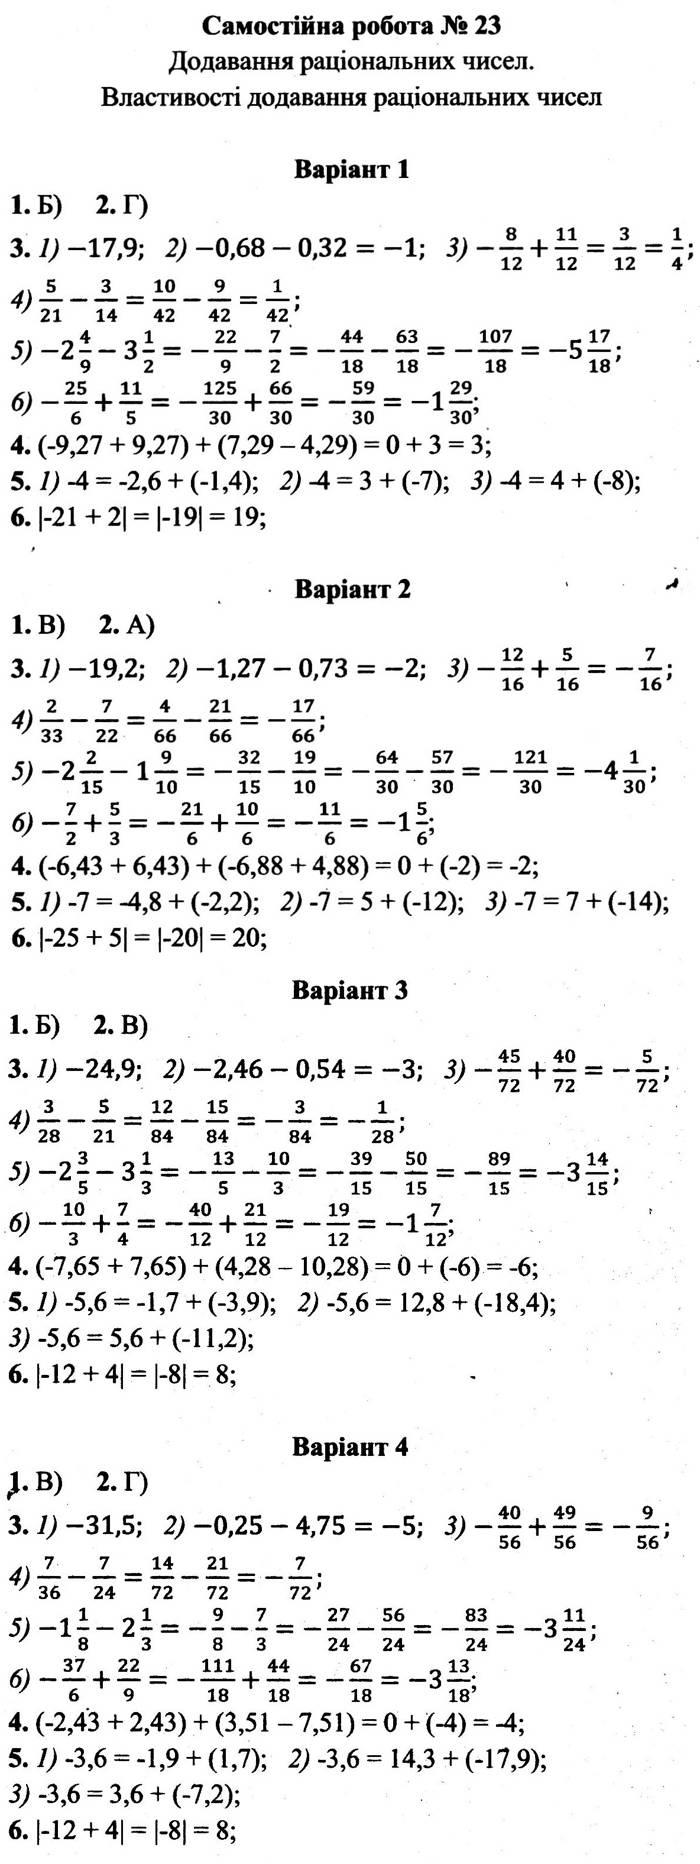 Розв'язання завдань до самостійної роботи 23 посібника 6 клас Математика Мерзляк (збірник самостійних робіт і тестів) 2020 рік